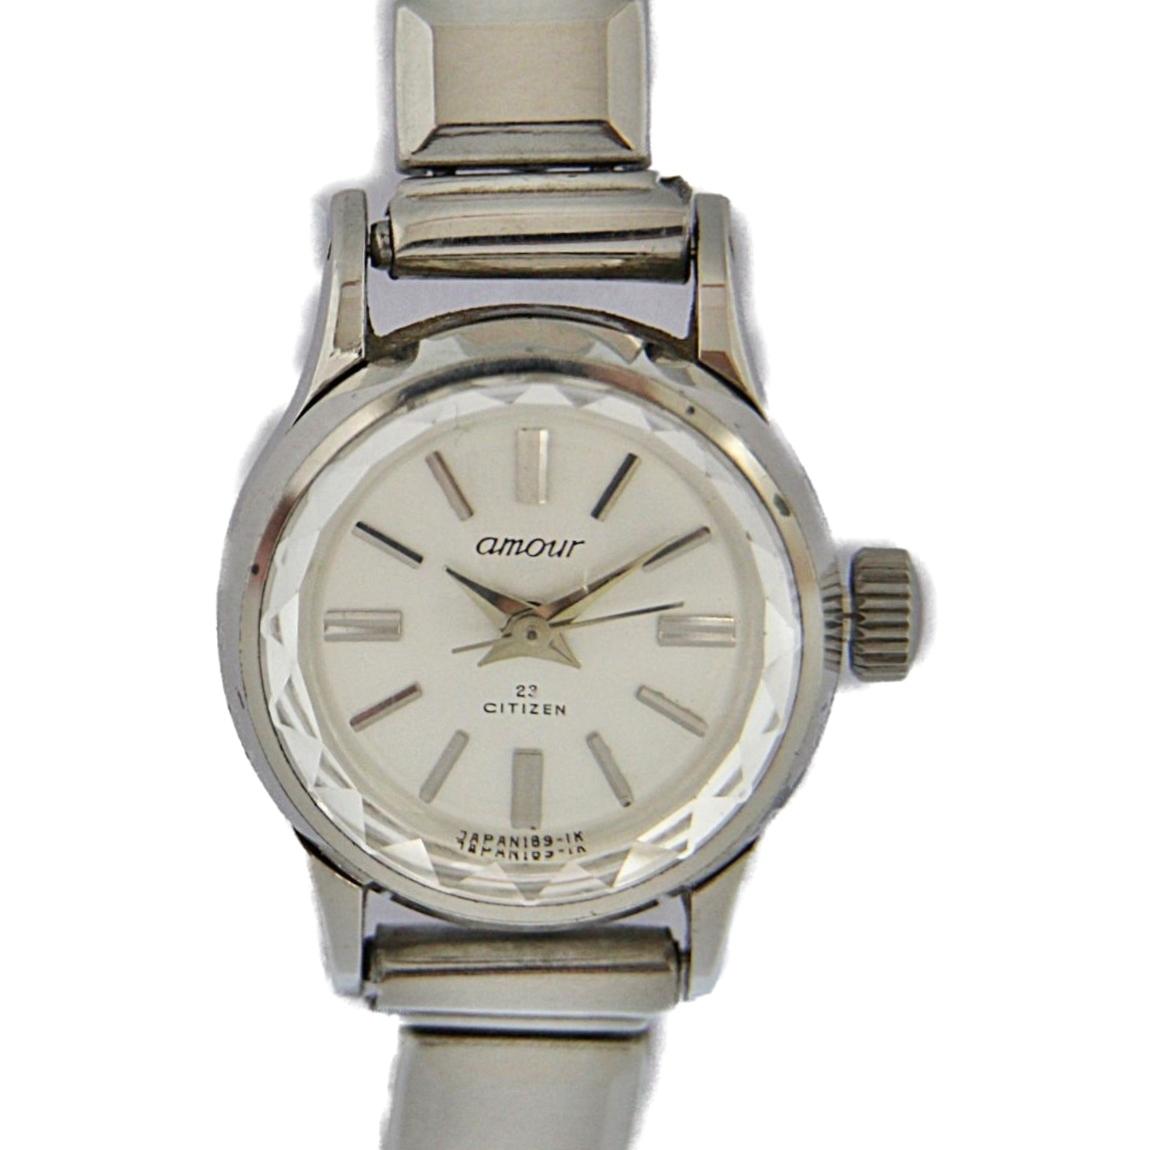 b1060d2ad6a9 1円~ CITIZEN シチズン アムール 手巻き レディース腕時計 5701-Y 女性用 カット